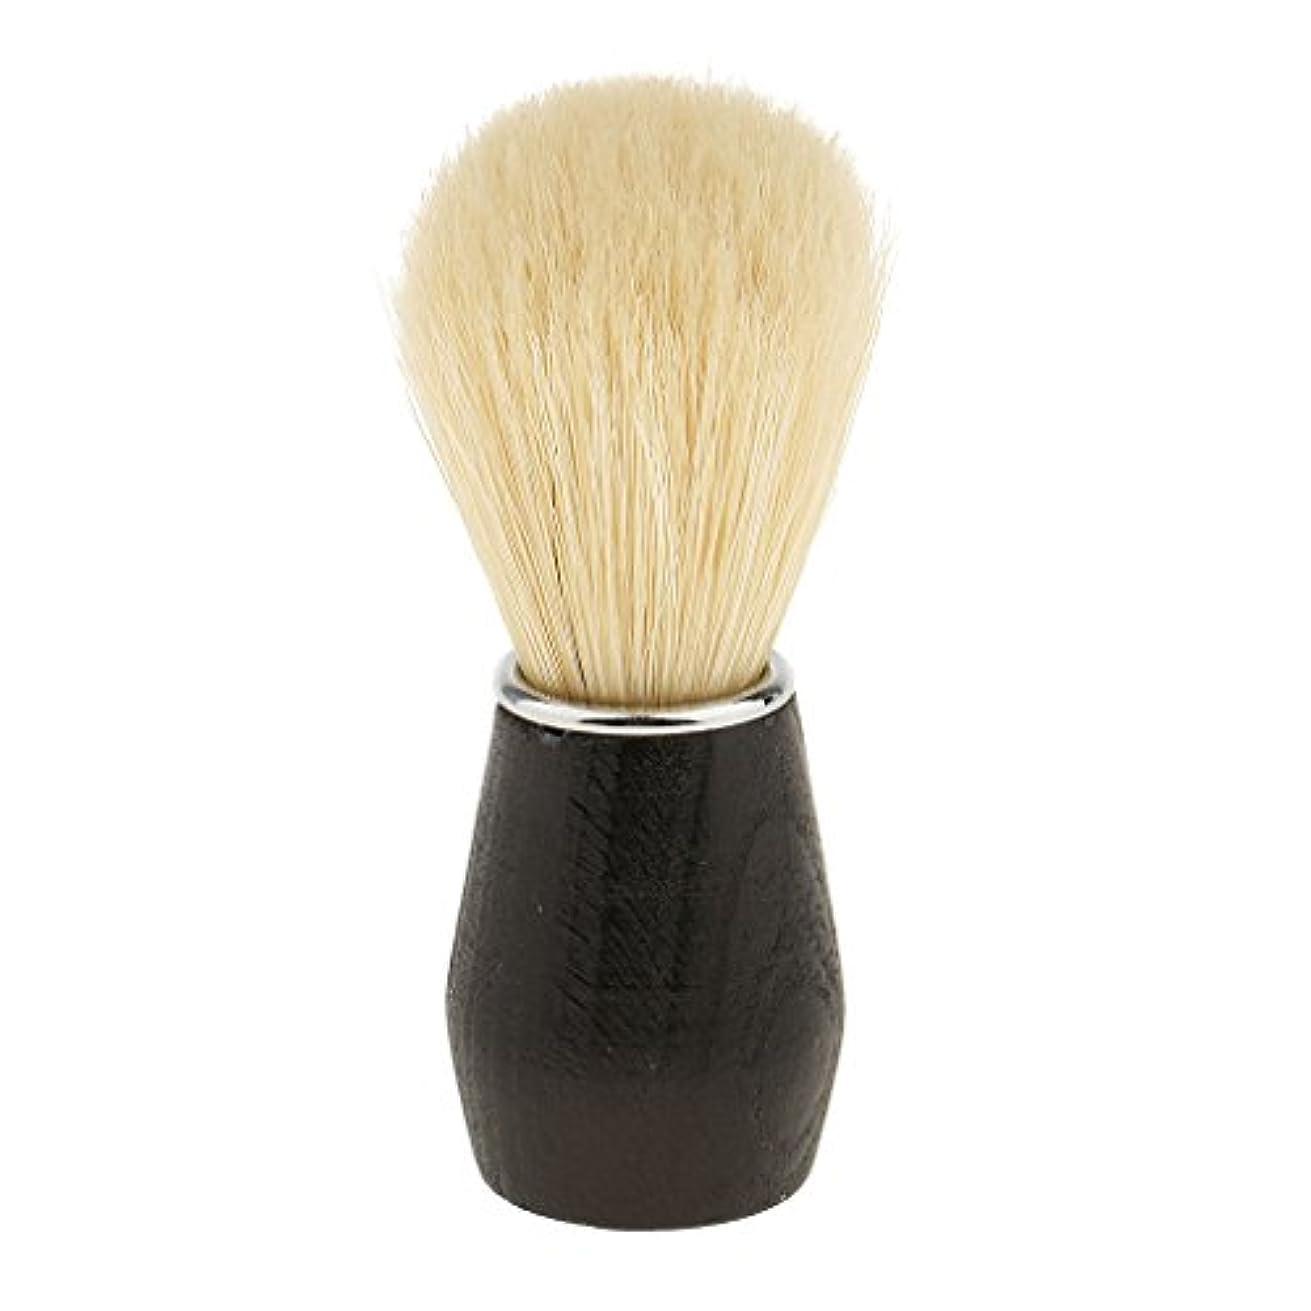 教えメトリック倒産Hellery ひげ剃りブラシ シェービングブラシ 毛髭ブラシ フェイシャルクリーニングブラシ プラスチックハンドル